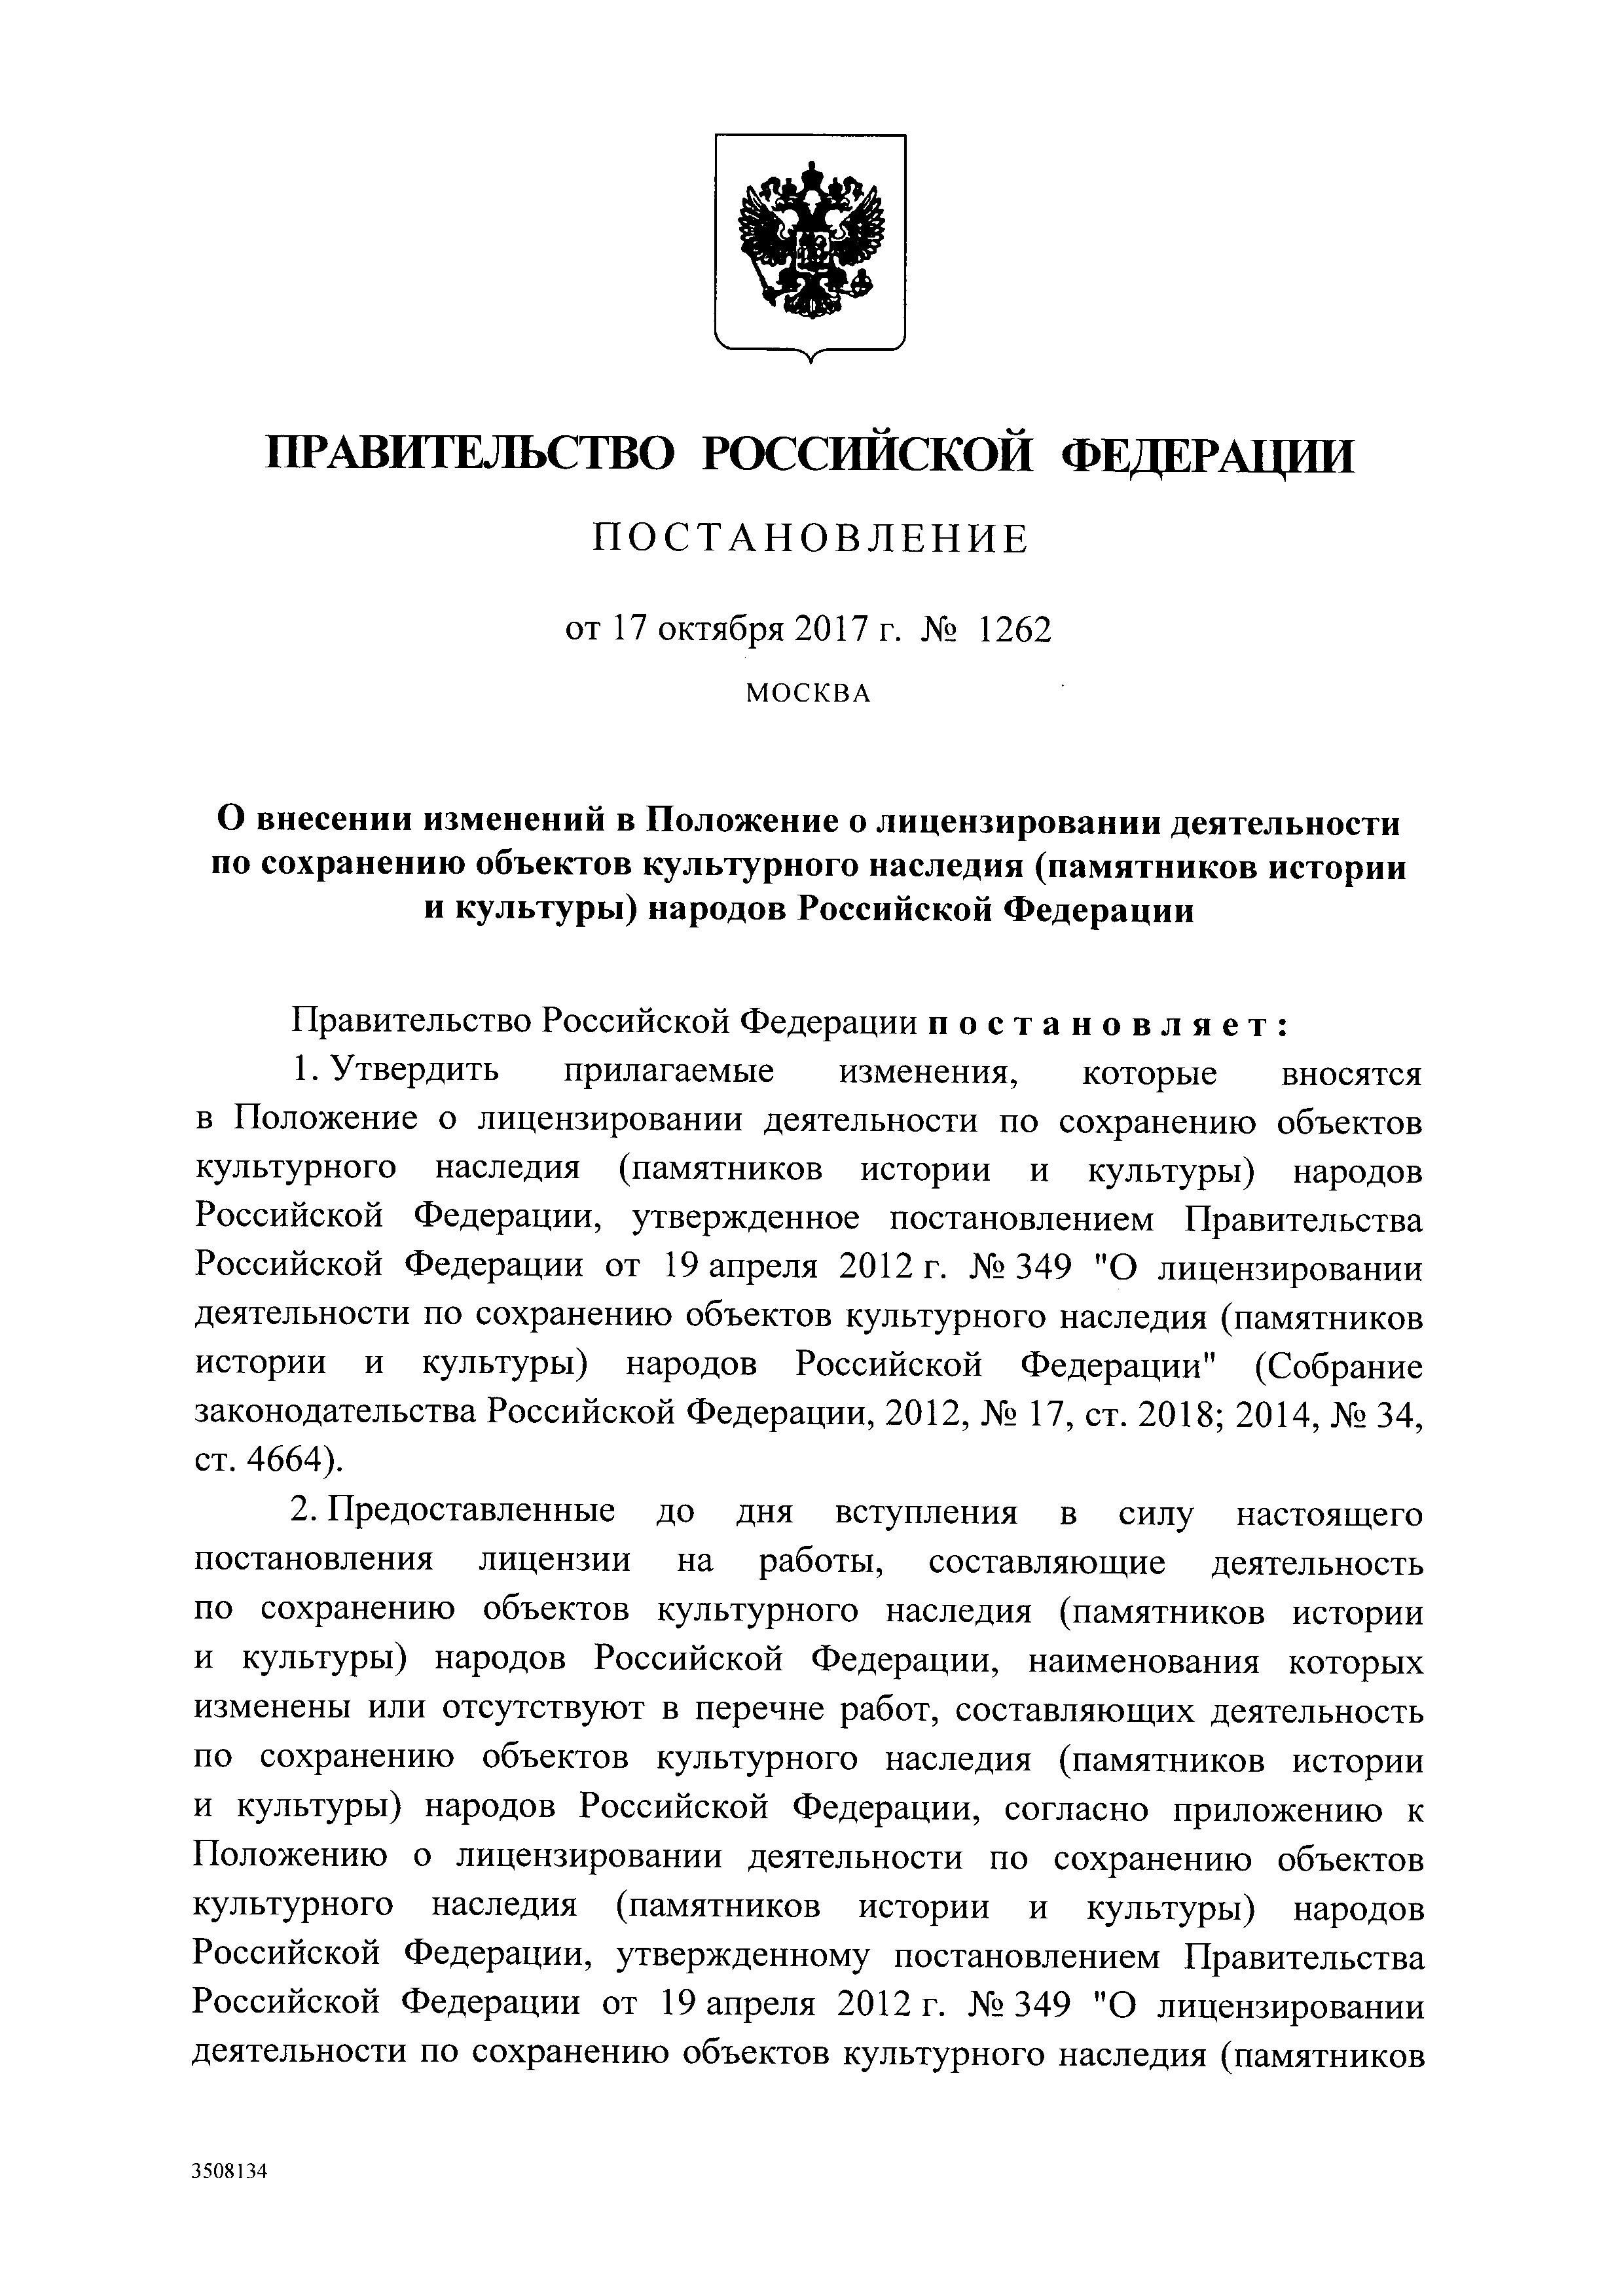 Постановление правительства 1262 от 17.10.17